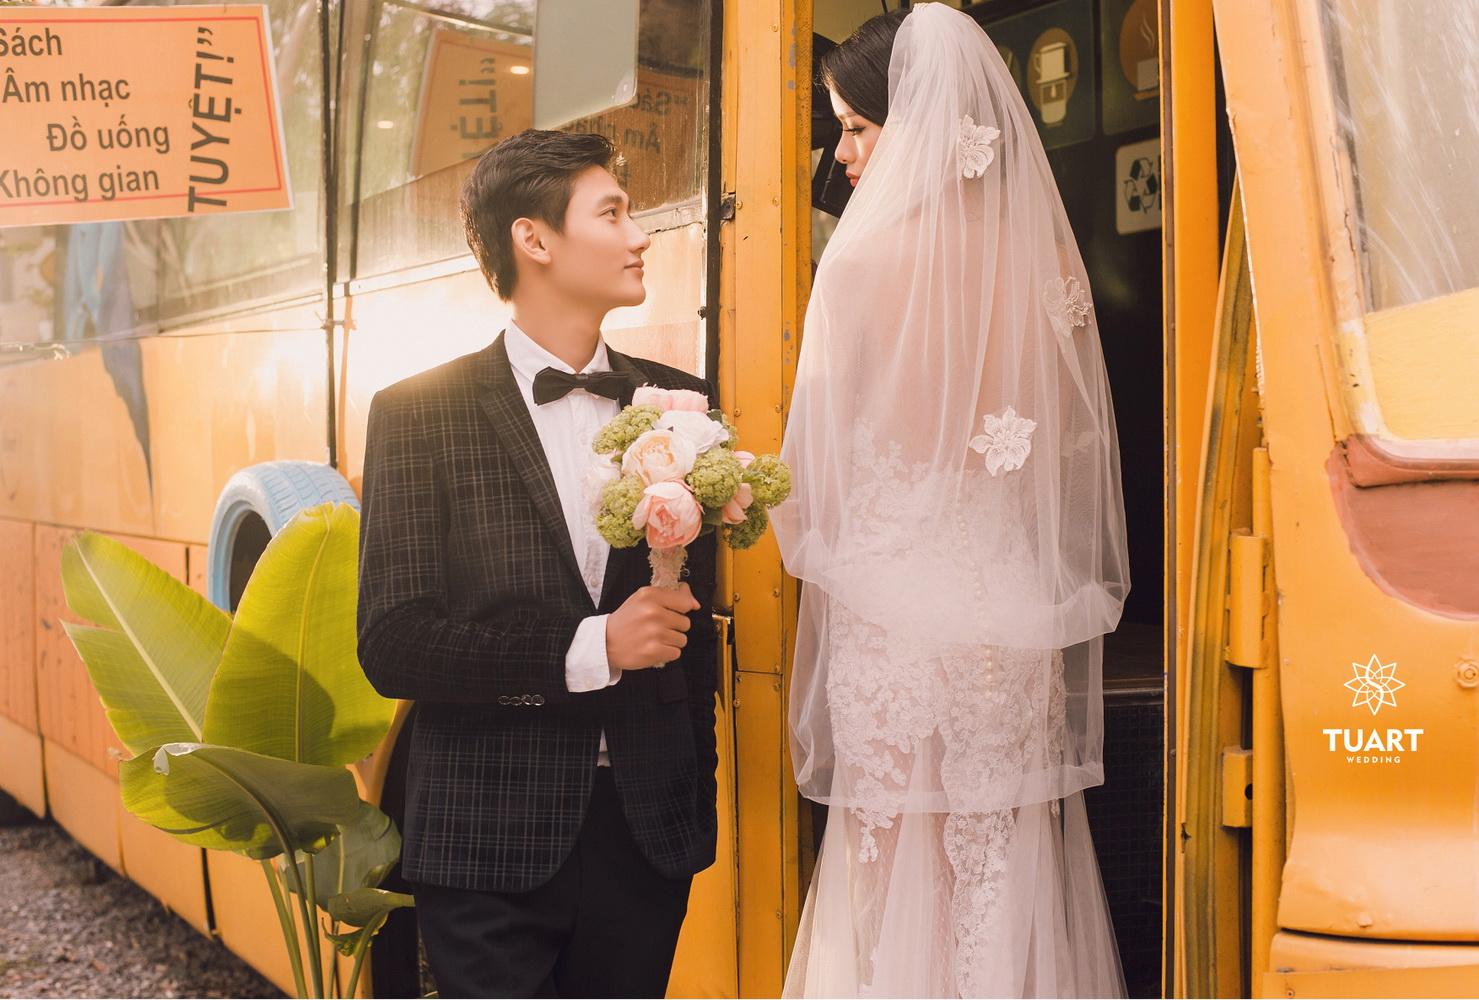 Album chụp ảnh cưới đẹp thành phố xanh Ecopark 34